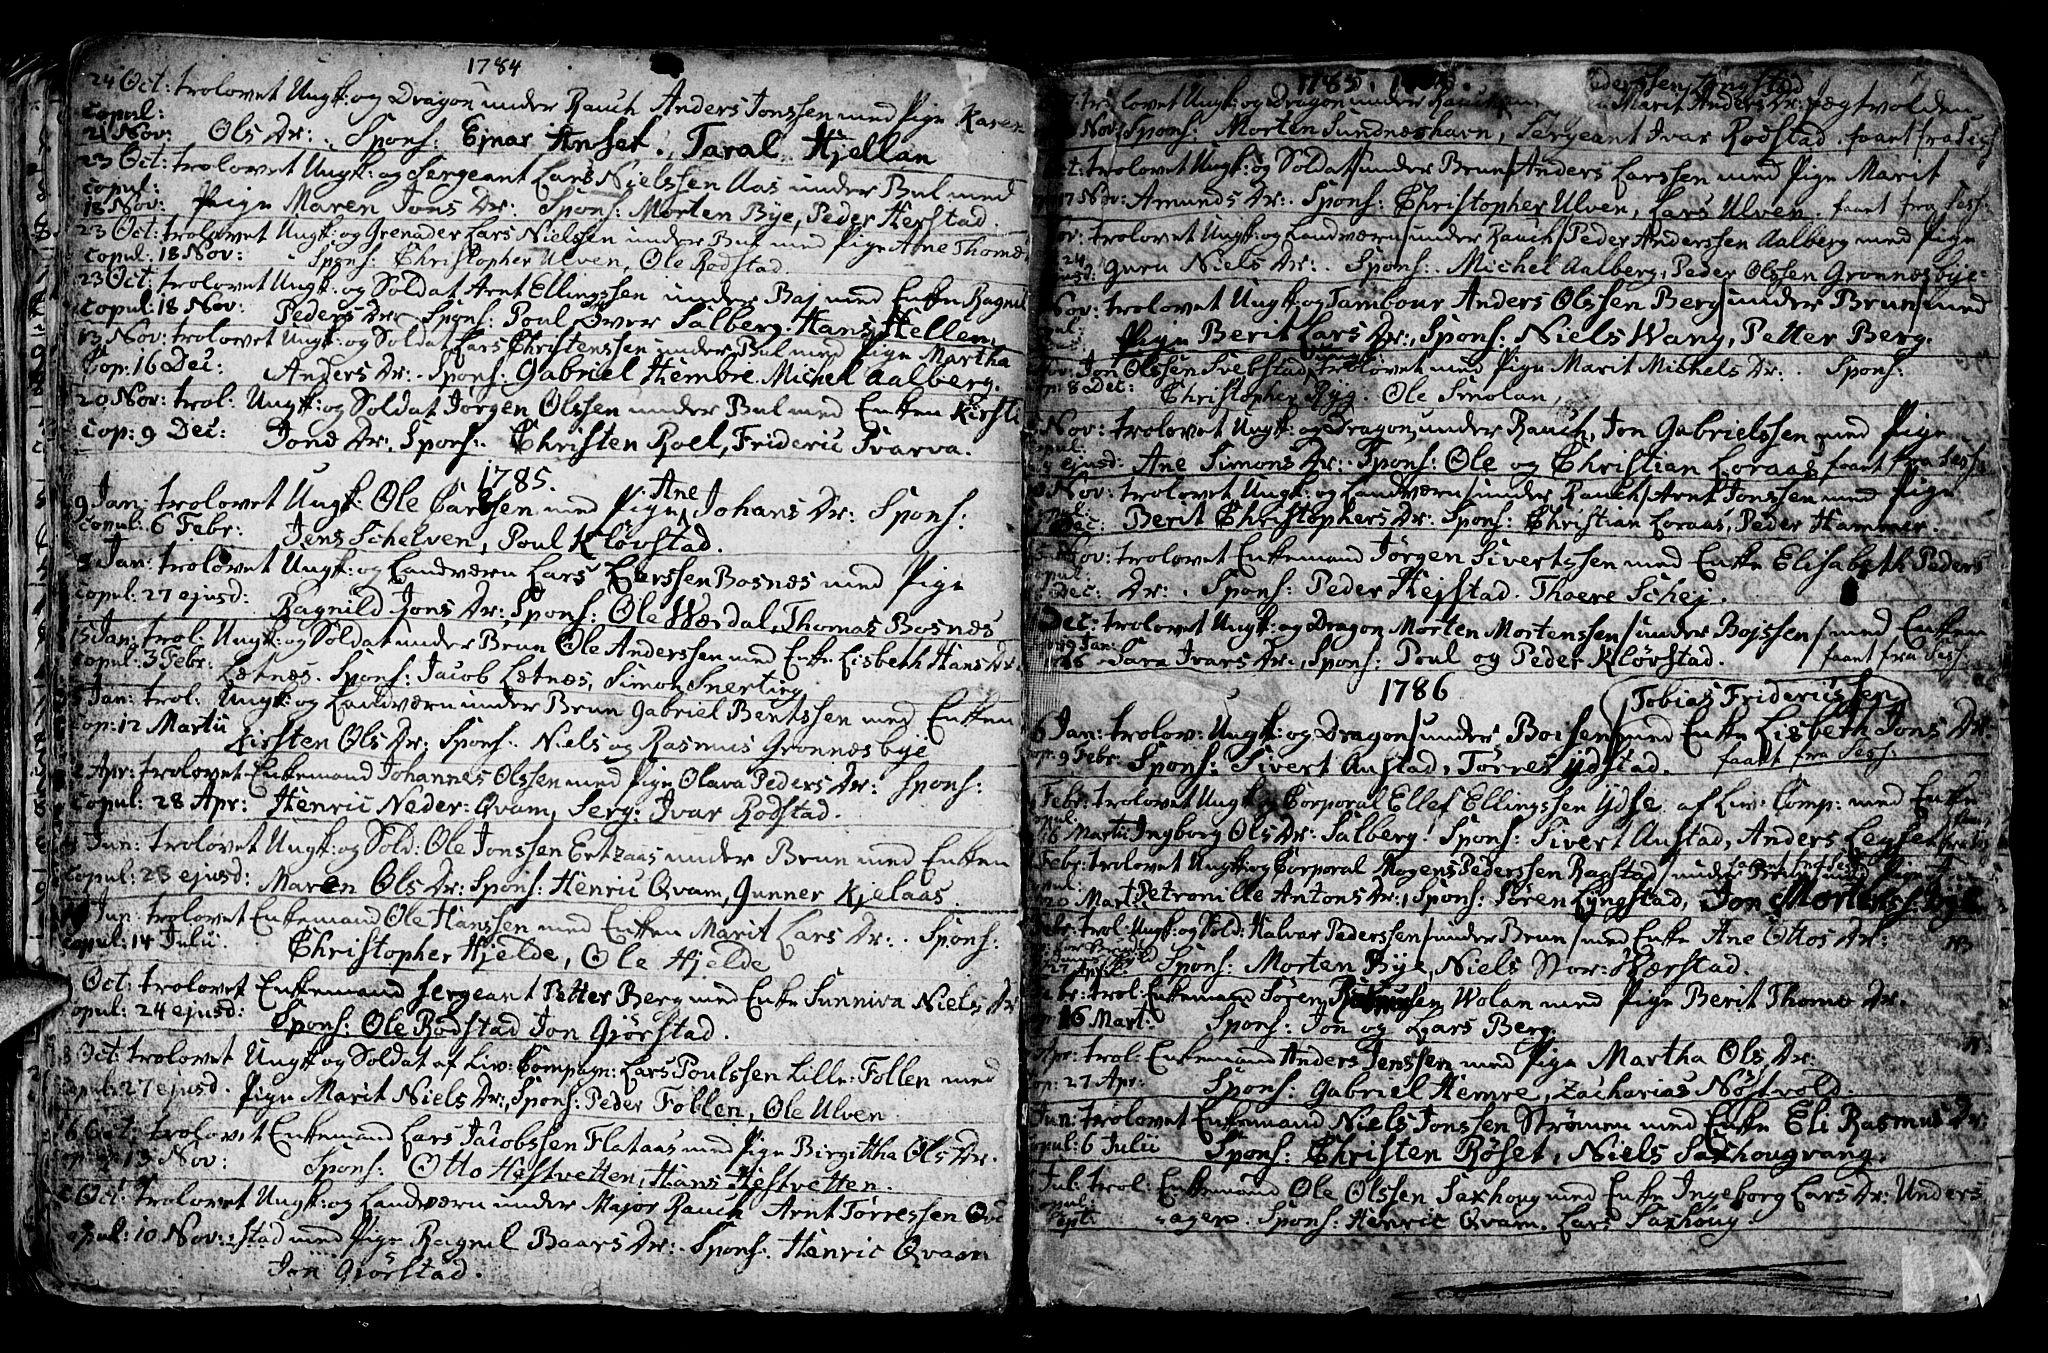 SAT, Ministerialprotokoller, klokkerbøker og fødselsregistre - Nord-Trøndelag, 730/L0273: Ministerialbok nr. 730A02, 1762-1802, s. 19